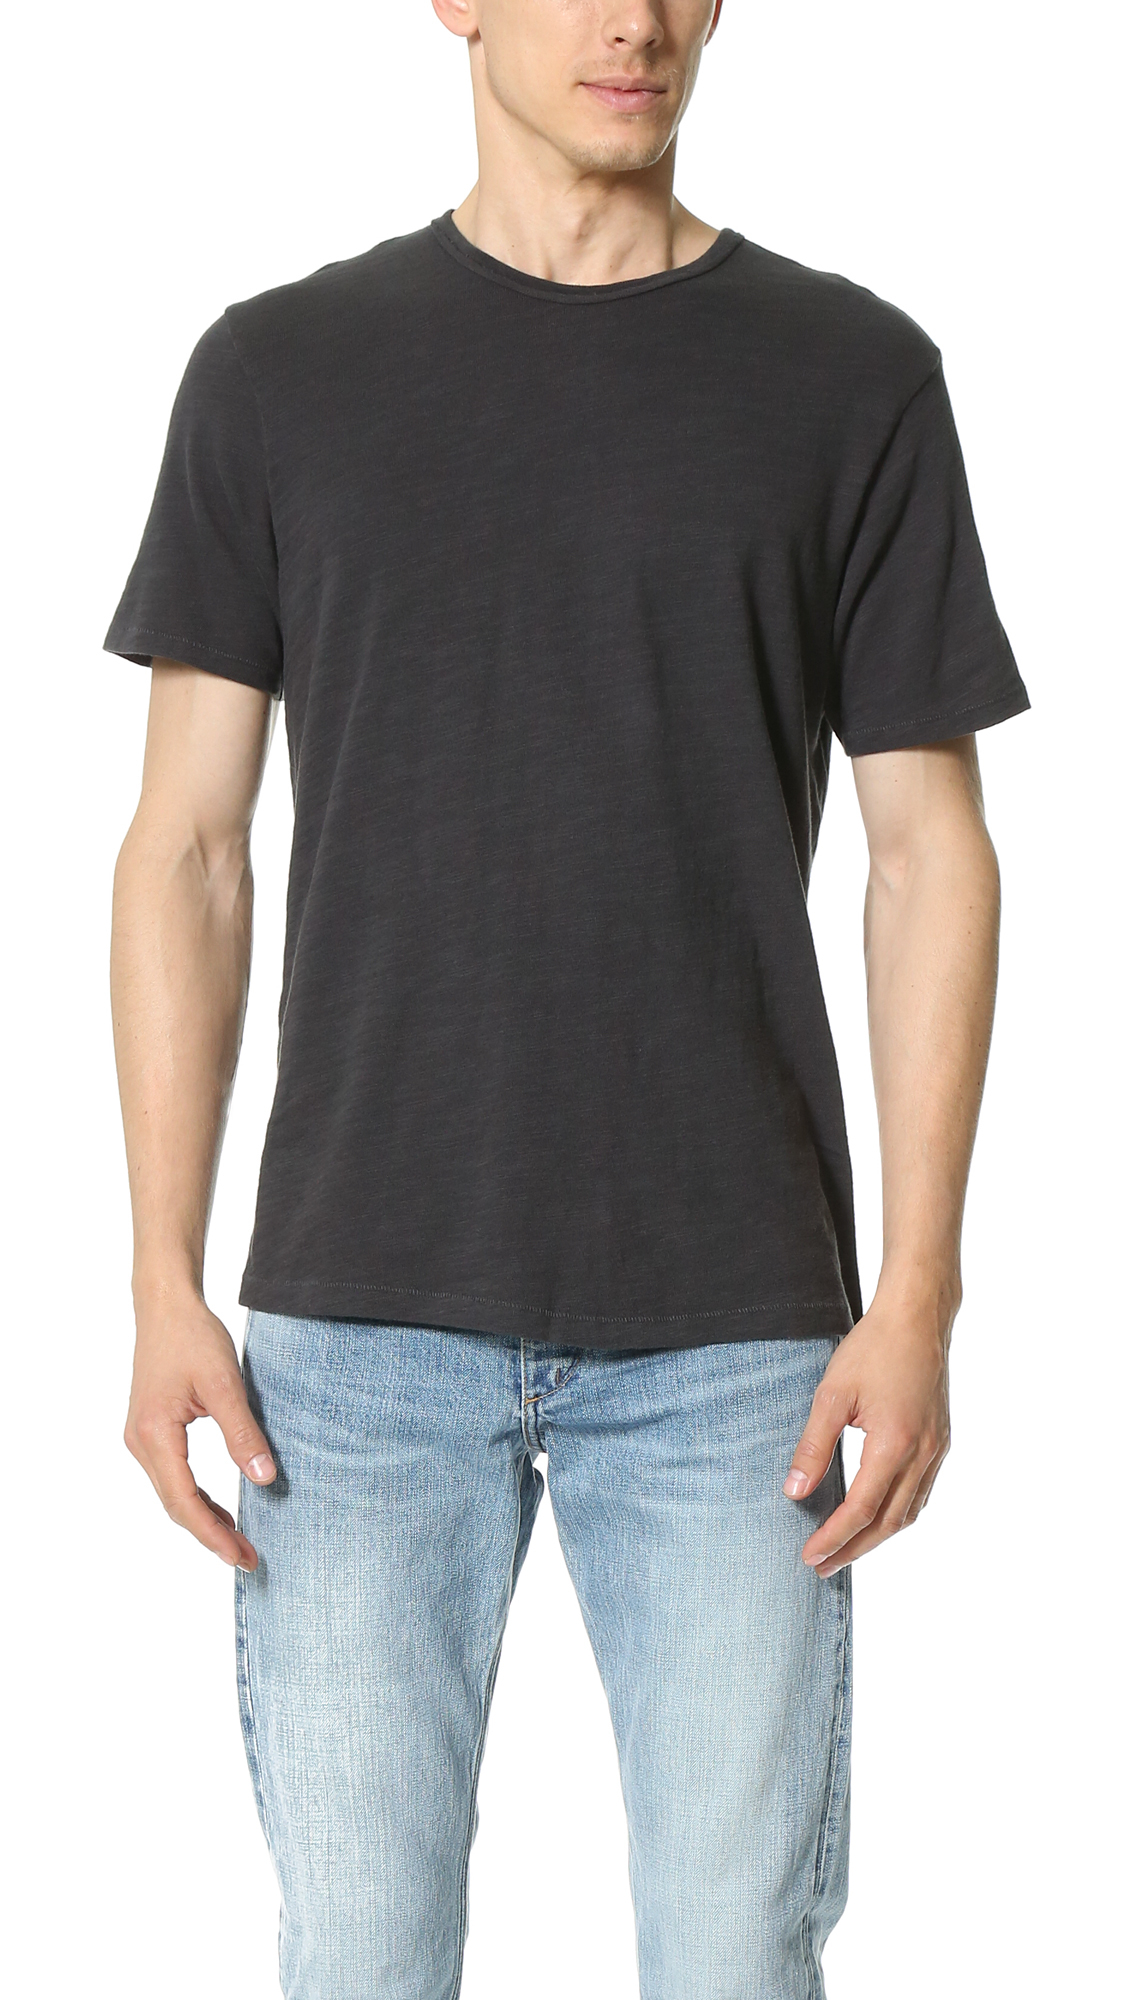 Rag Bone Basic T Shirt In Black For Men Lyst